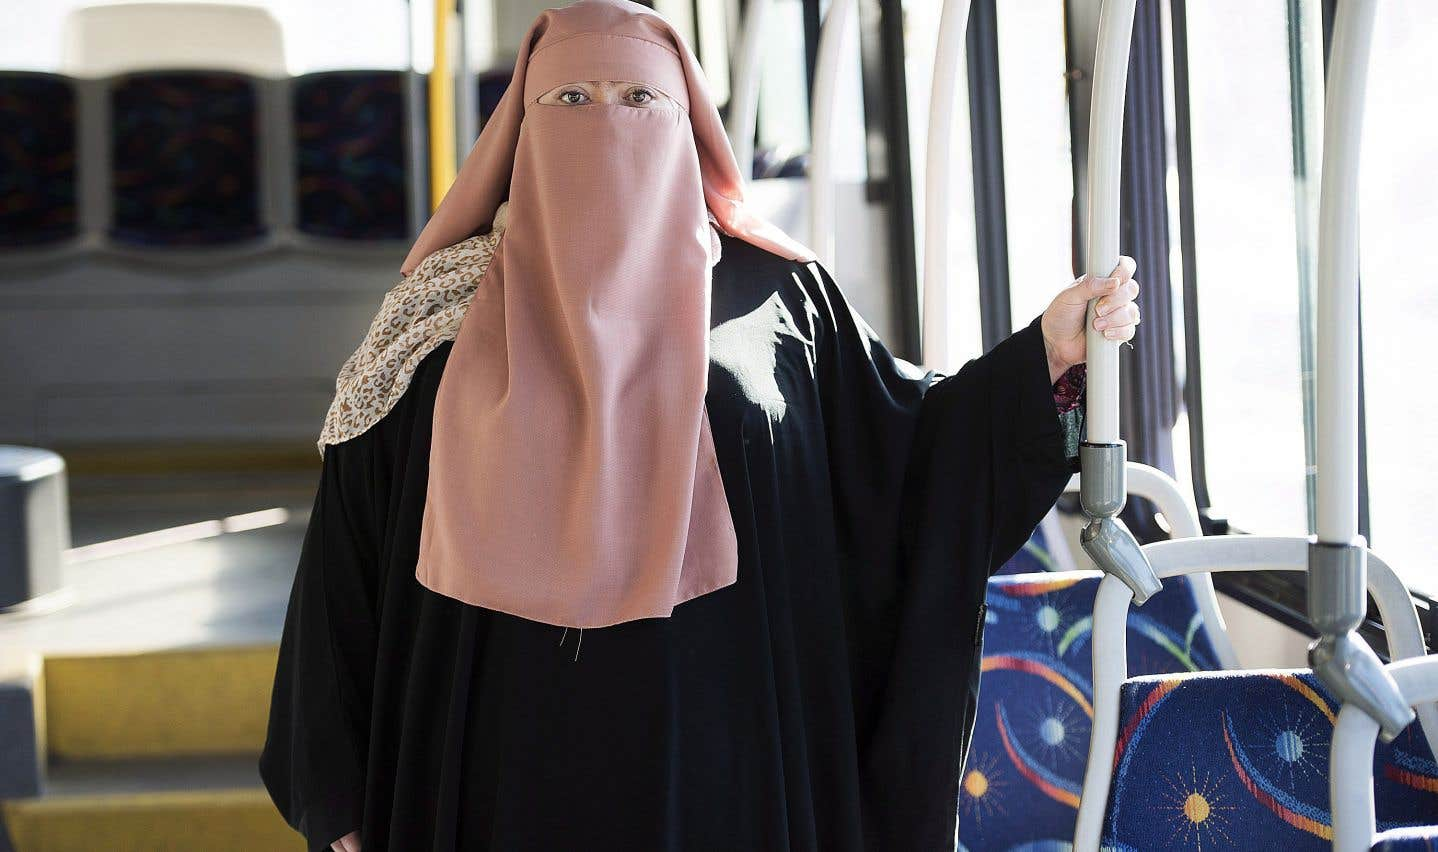 Warda Naili (photo) déplore le fait que la nouvelle loi la fera dépendre de son mari pour le transport et la contraindra à modifier sa façon de se vêtir.